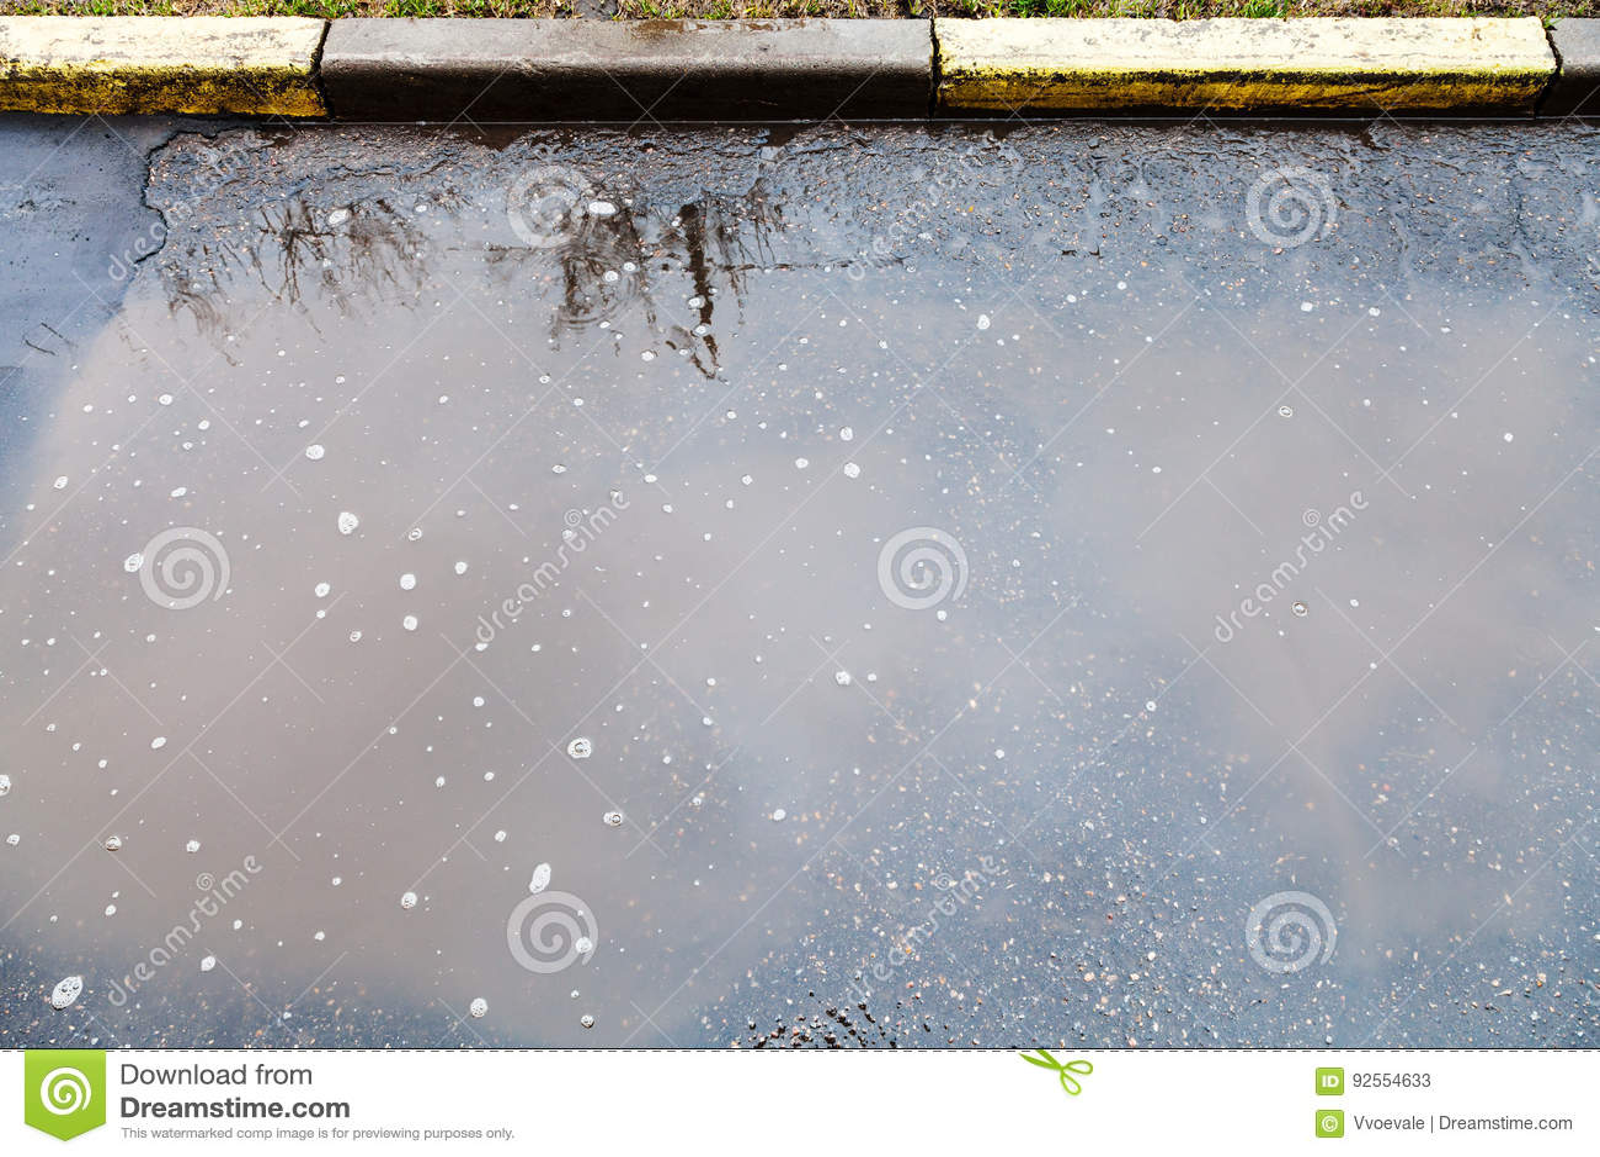 La pozza sporca su urbano streen in pioggia